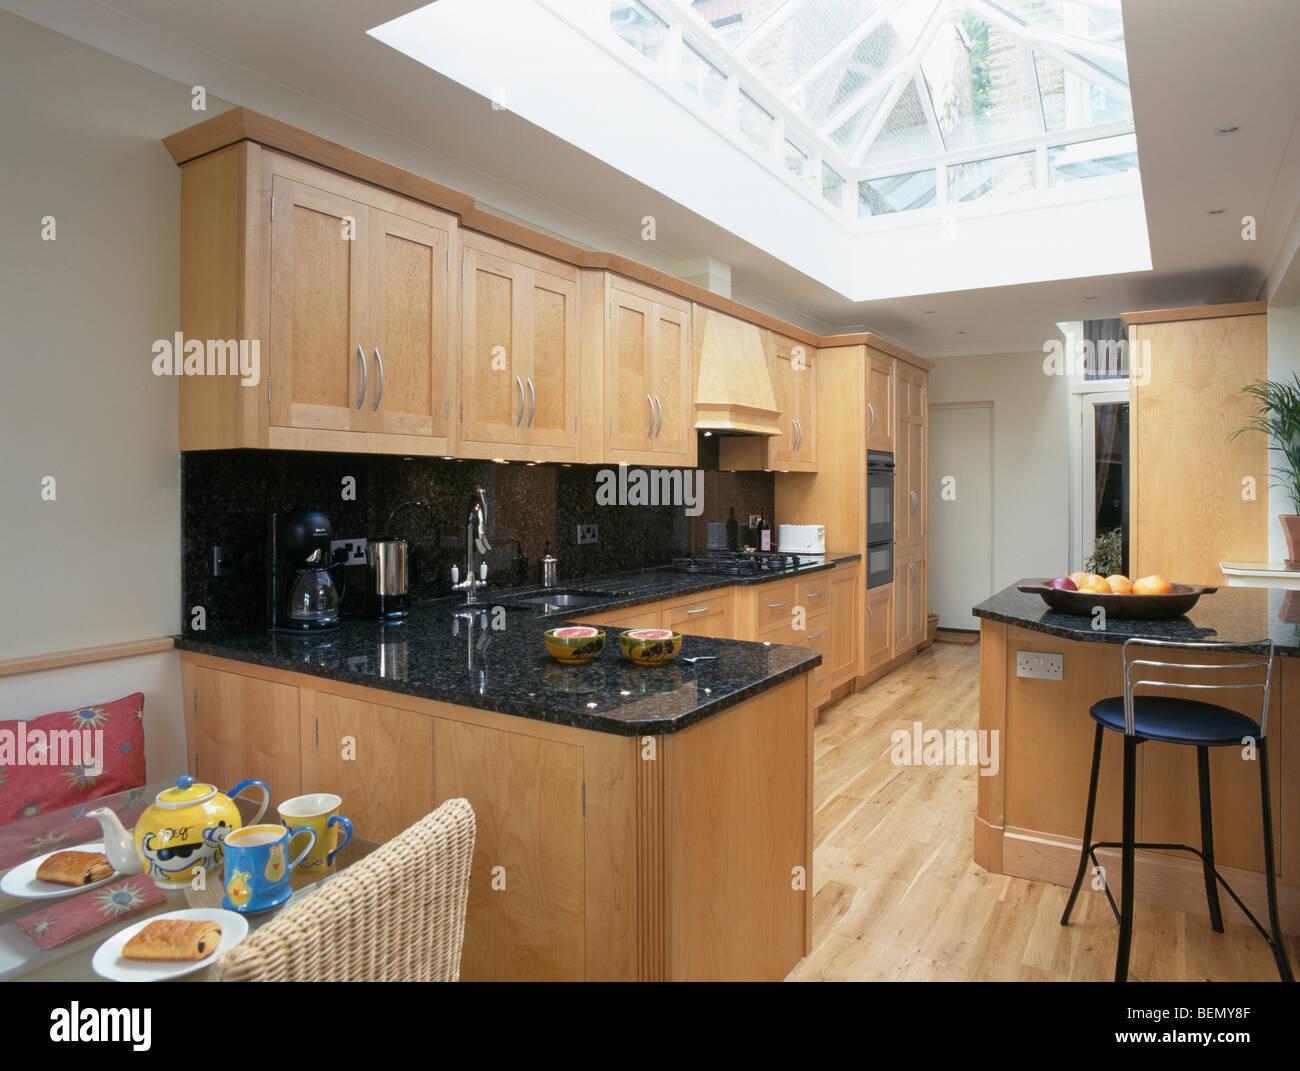 Puit De Lumiere Sol puits de lumière dans l'extension d'une cuisine moderne avec